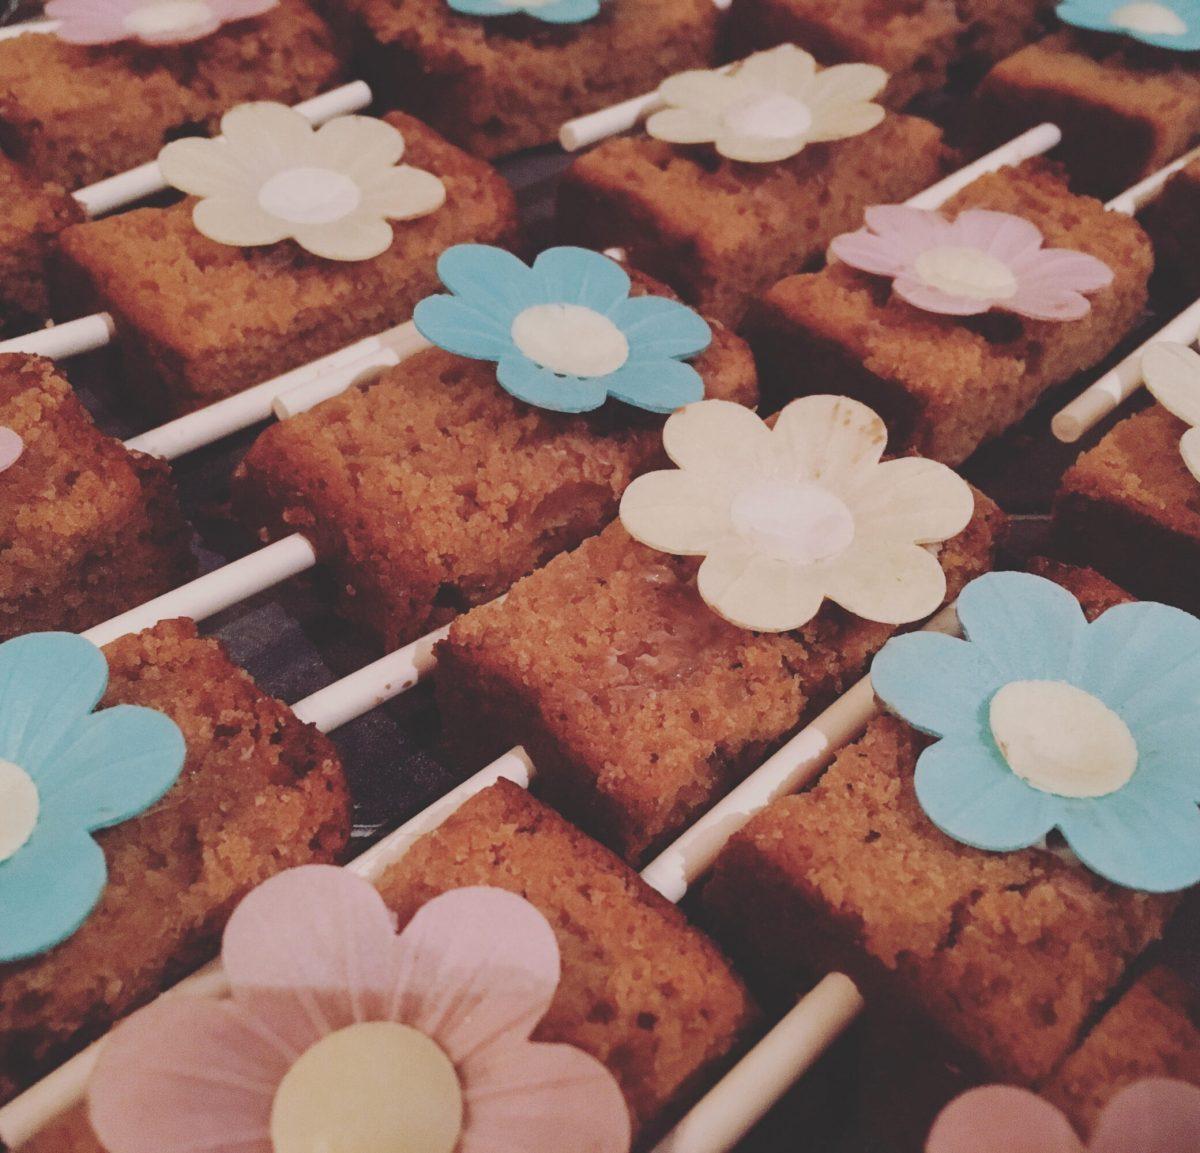 Mini ontbijtkoek lolly met eetbare bloemetjes